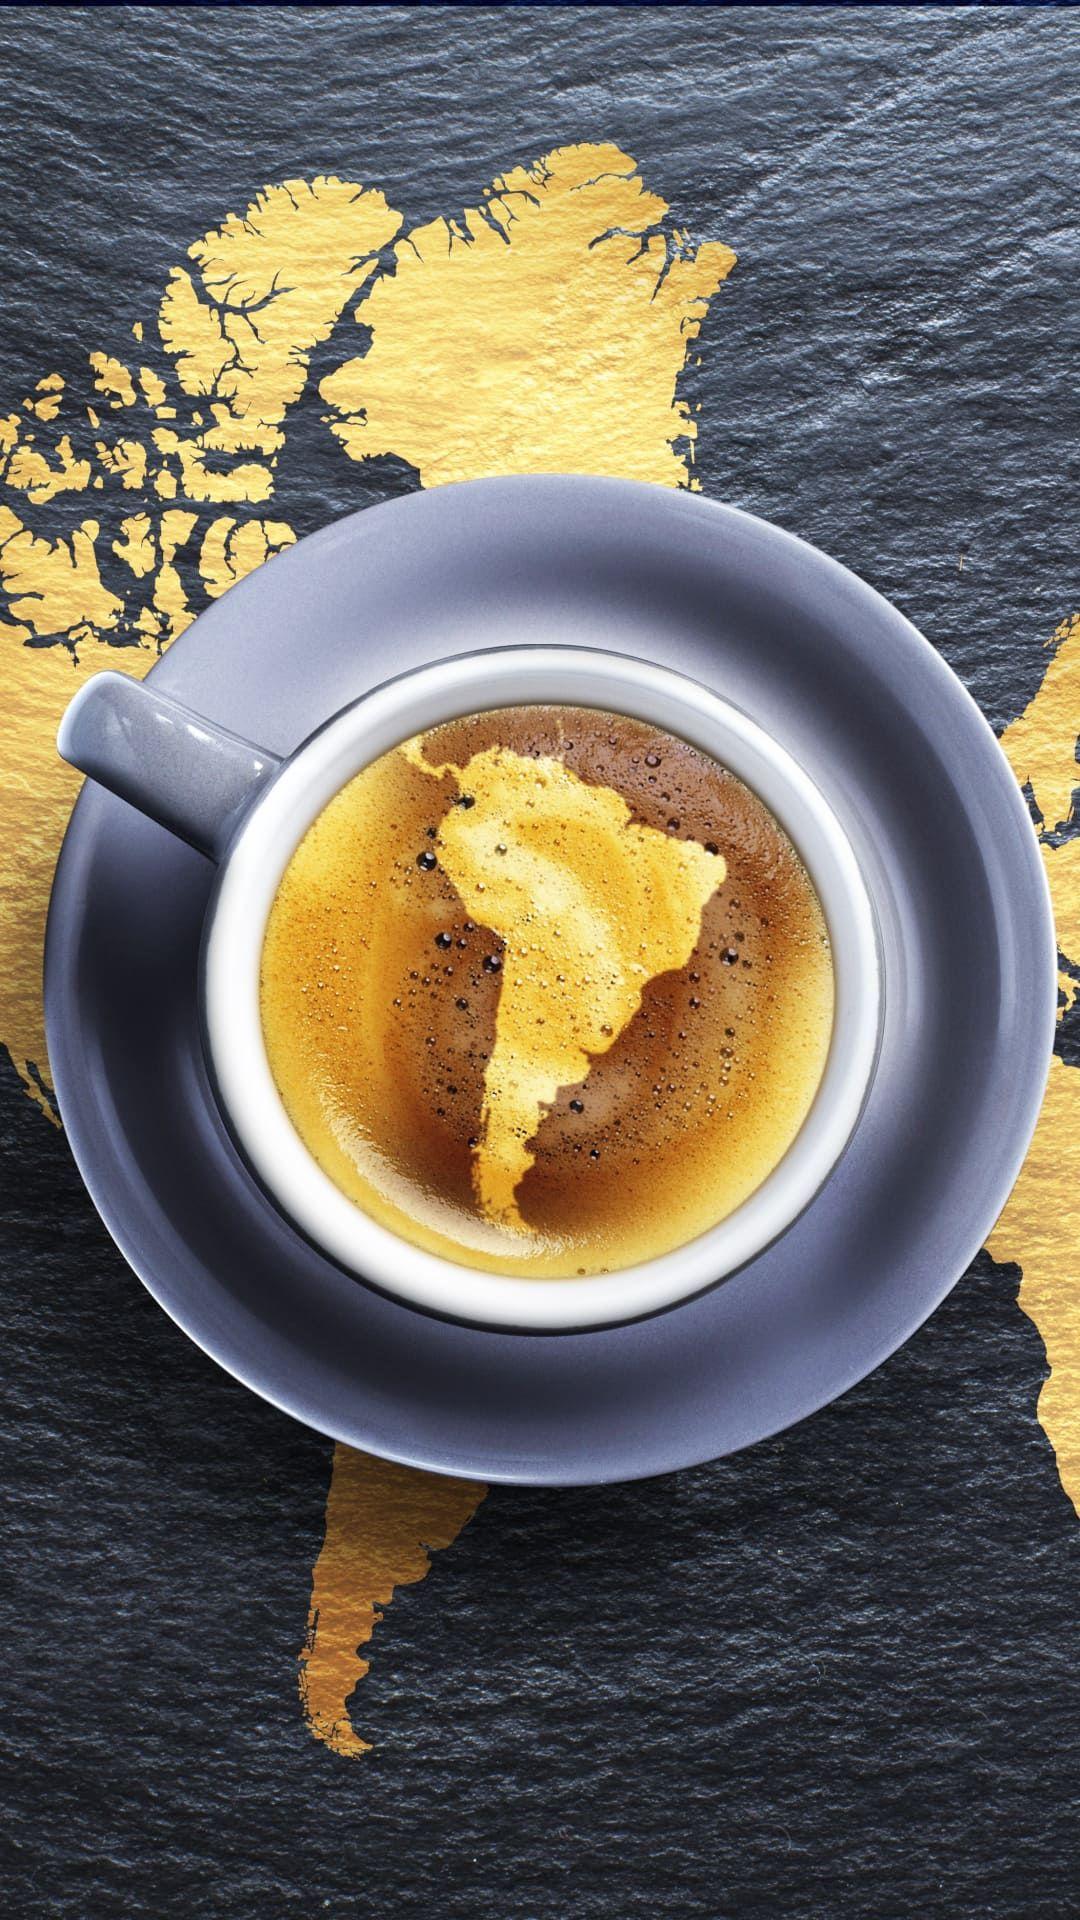 Http://wallpaperformobile.org/14965/africa Map Wallpaper.